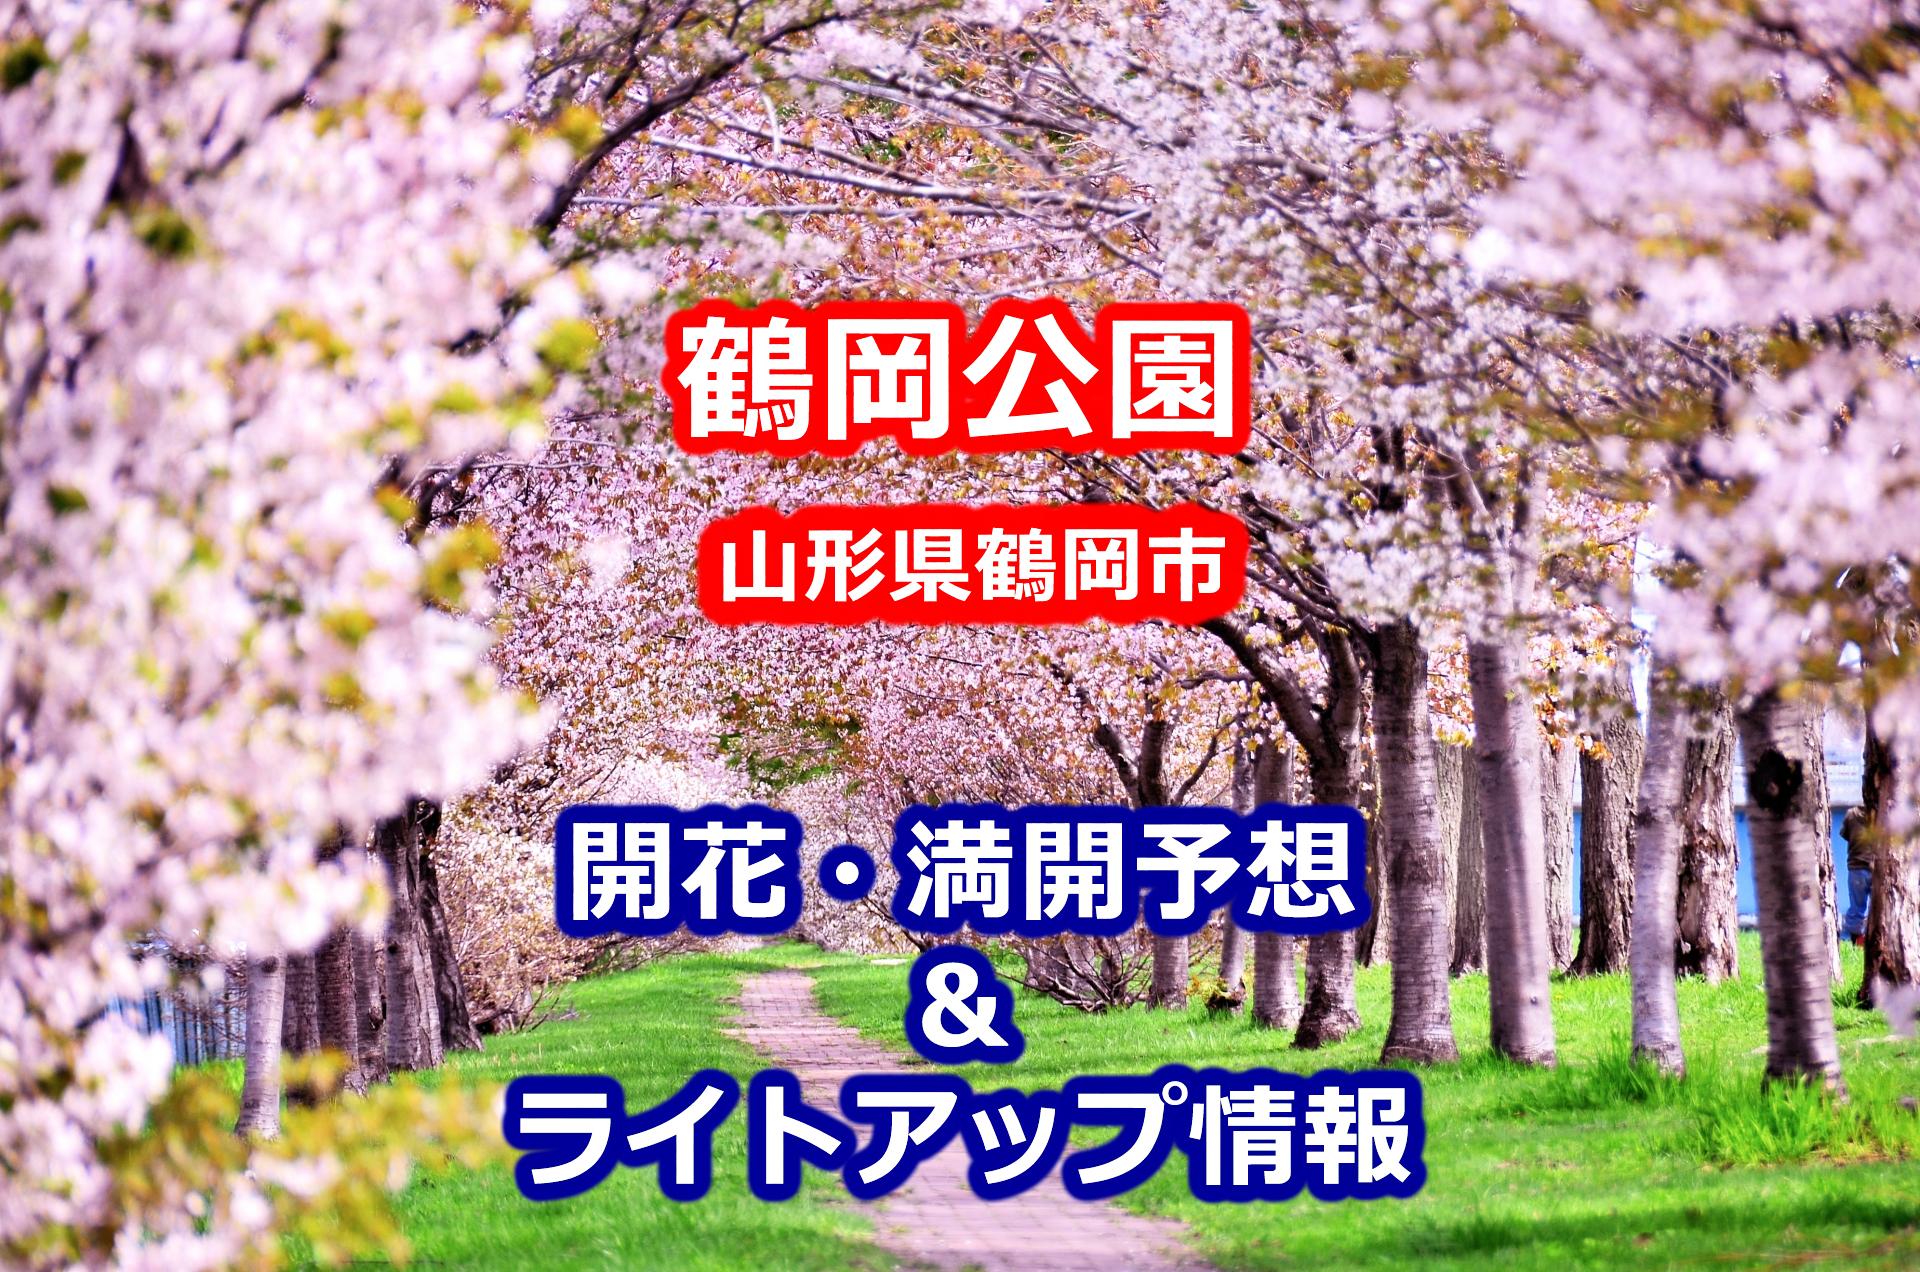 2020年鶴岡公園(山形県)の桜開花・満開予想とライトアップ情報